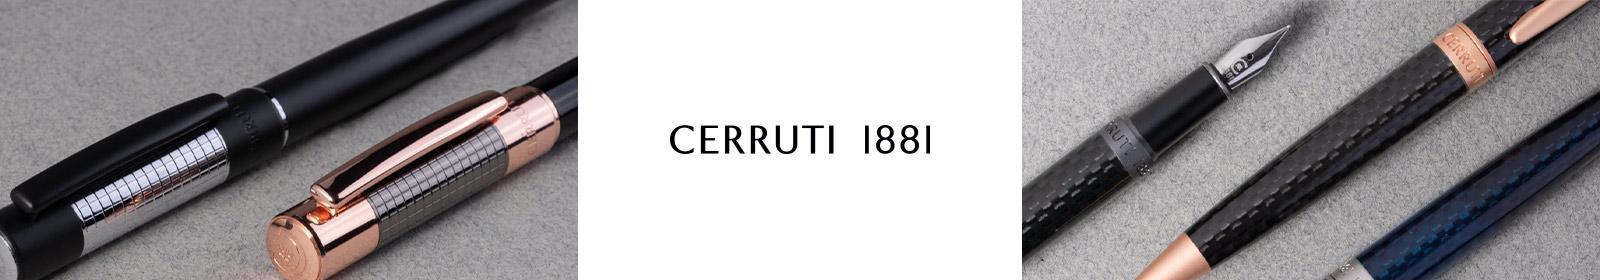 instrumente-de-scris cerruti